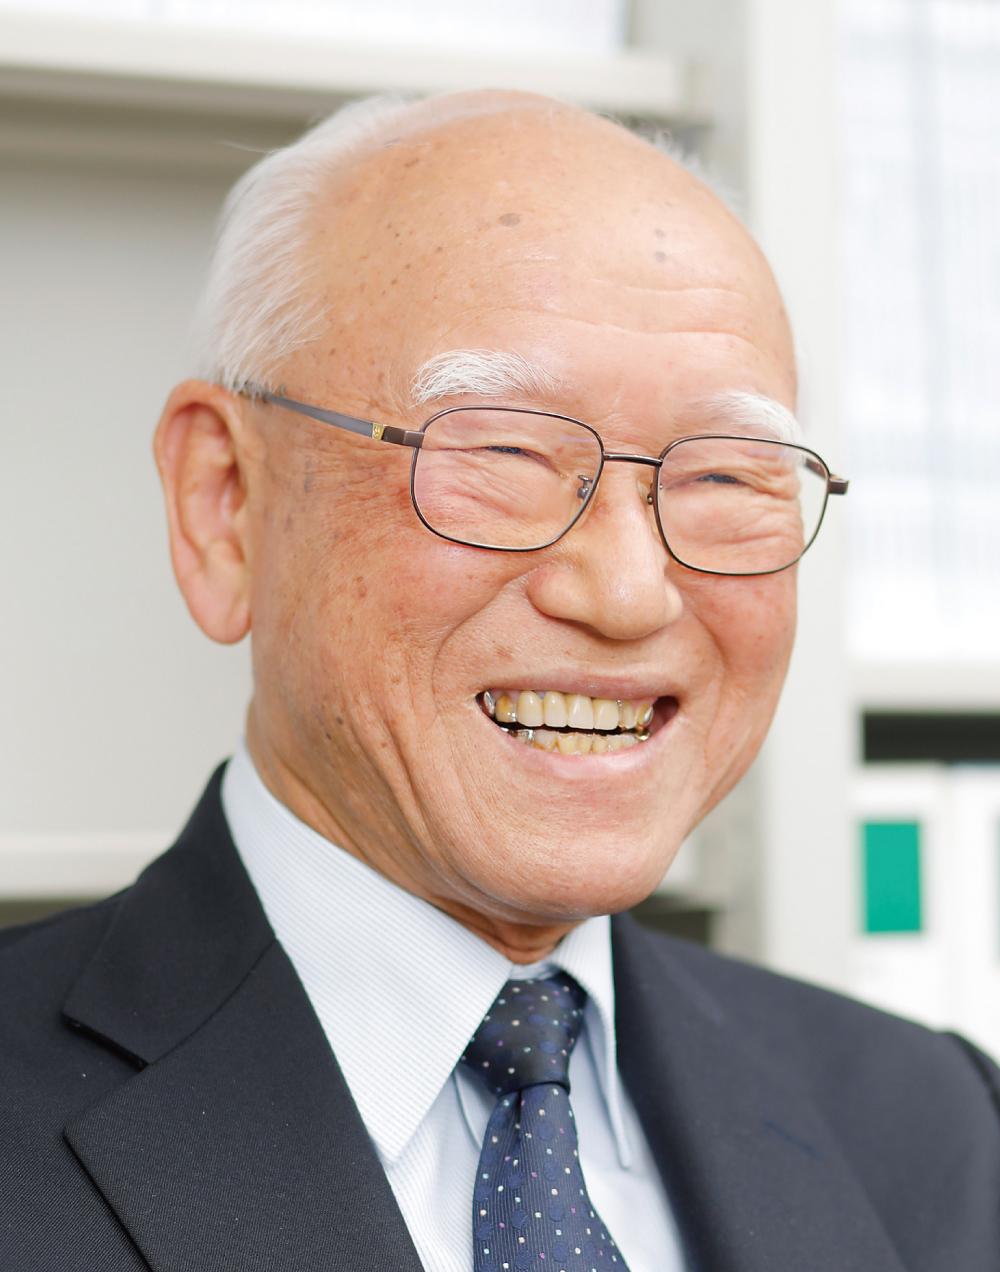 安田昌資弁護士